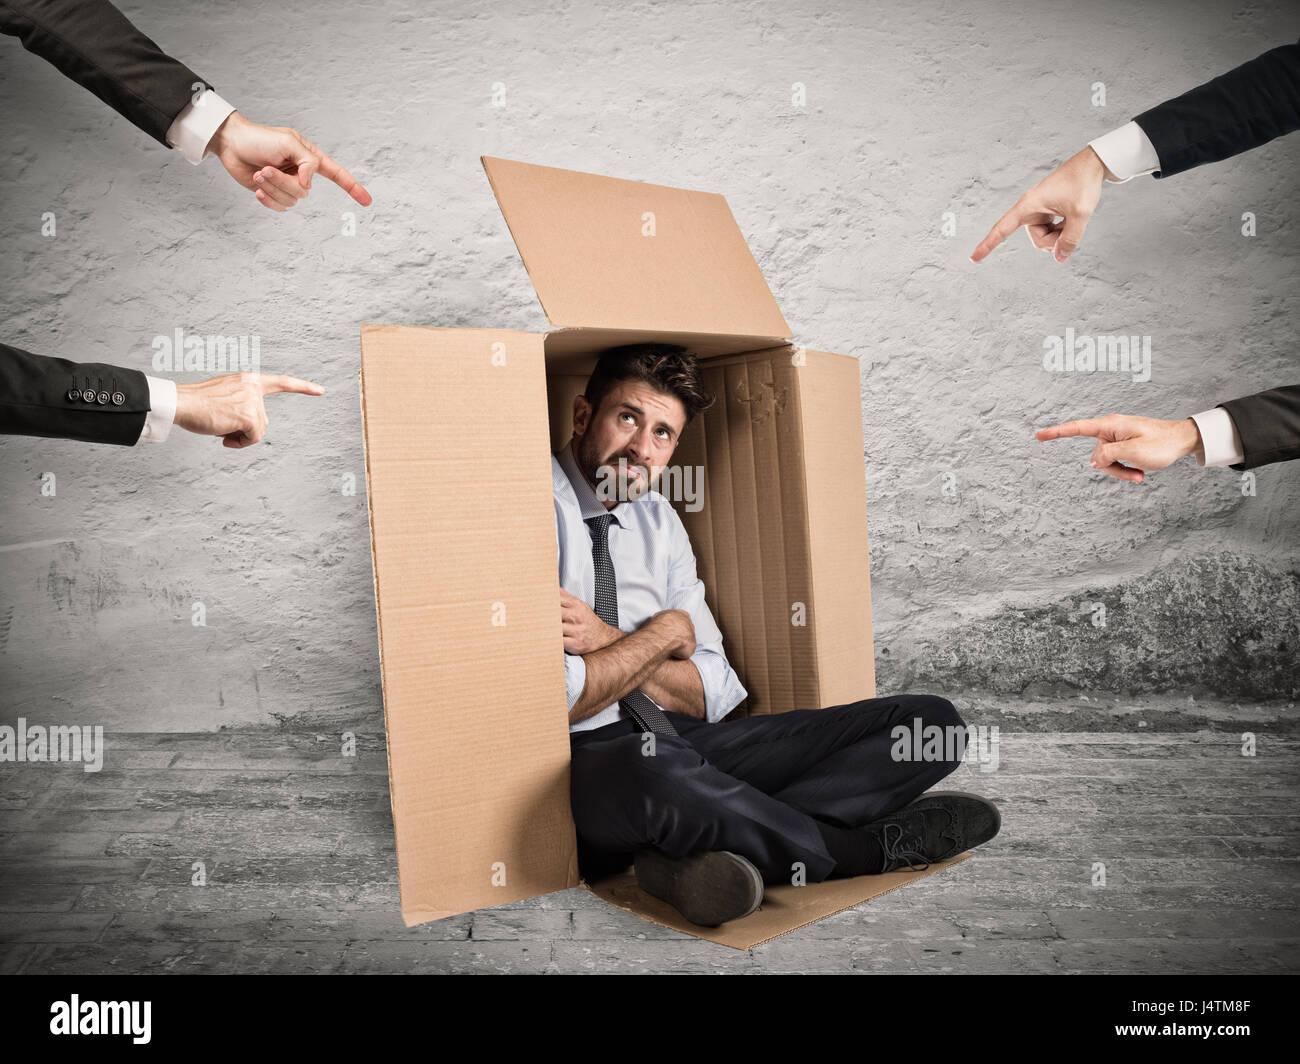 Coupable d'affaires signalées par des collègues Photo Stock